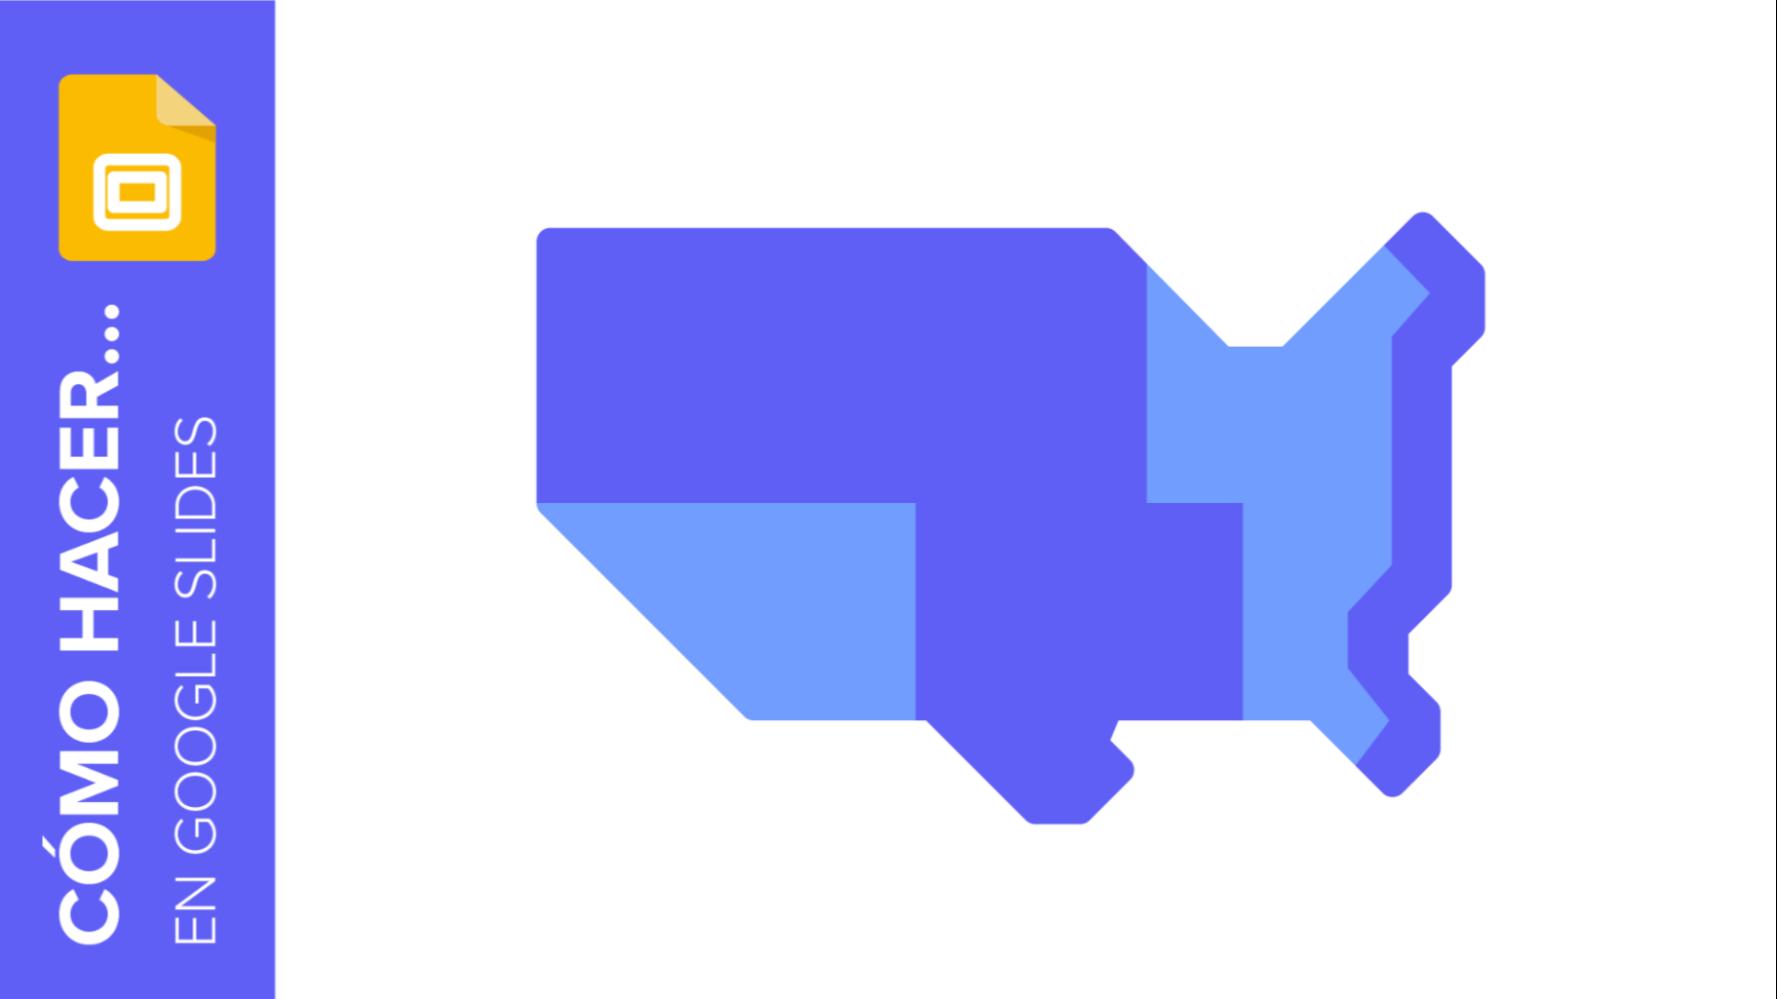 Cómo añadir y editar mapas en Google Slides | Tutoriales y Tips para tus presentaciones